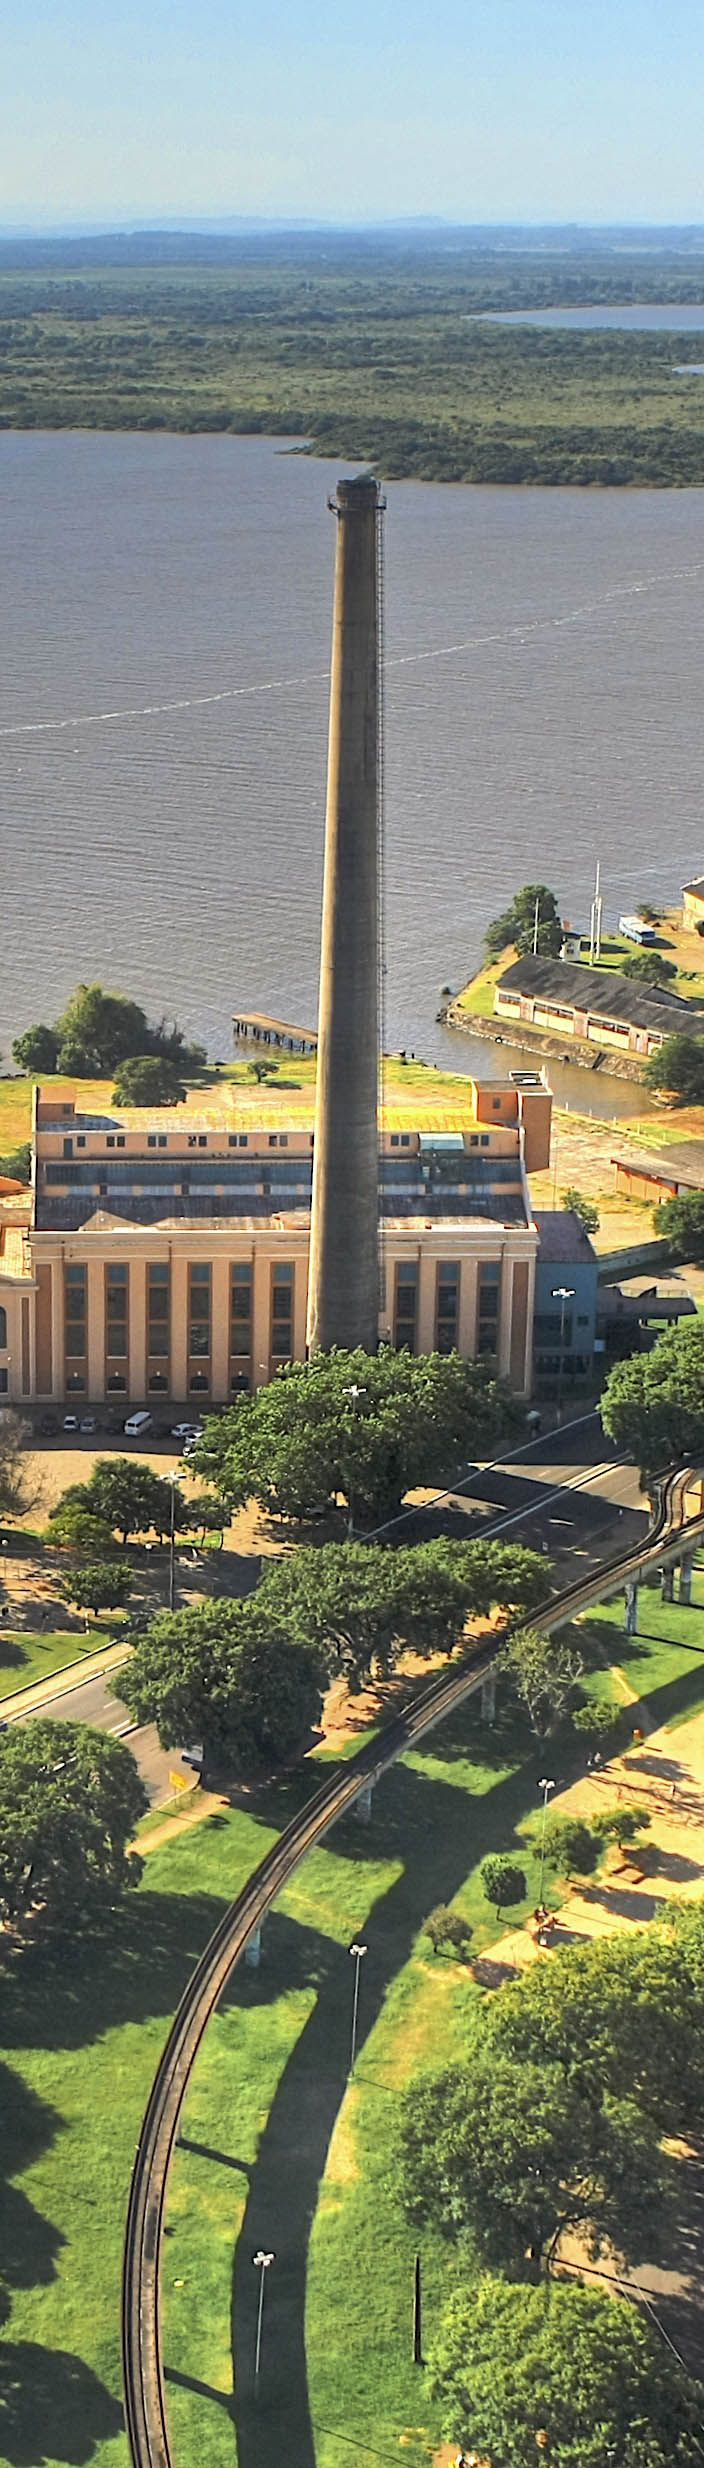 A Usina do Gasômetro, ou simplesmente Gasômetro, é uma antiga usina brasileira de geração de energia de Porto Alegre. É um dos pontos mais tradicionais para ver o famoso pôr-do-sol da cidade, às margens do Lago Guaíba. Hoje a Usina do Gasômetro é um grande centro cultural de Porto Alegre, sendo palco das mais diversas manifestações artísticas.